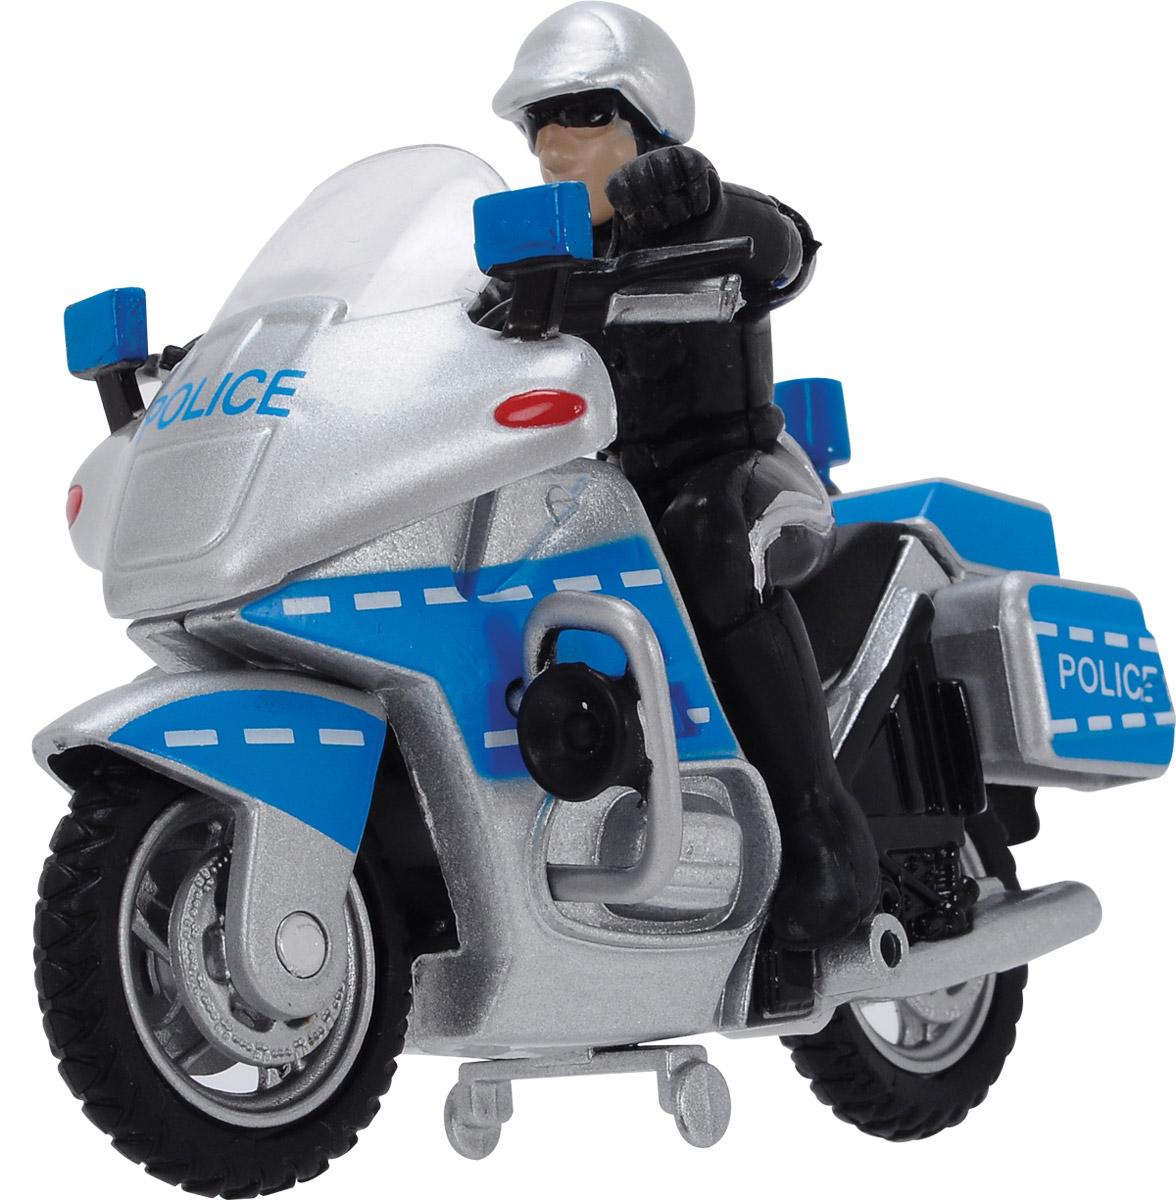 Dickie Toys Полицейский байк dickie toys городской трамвай